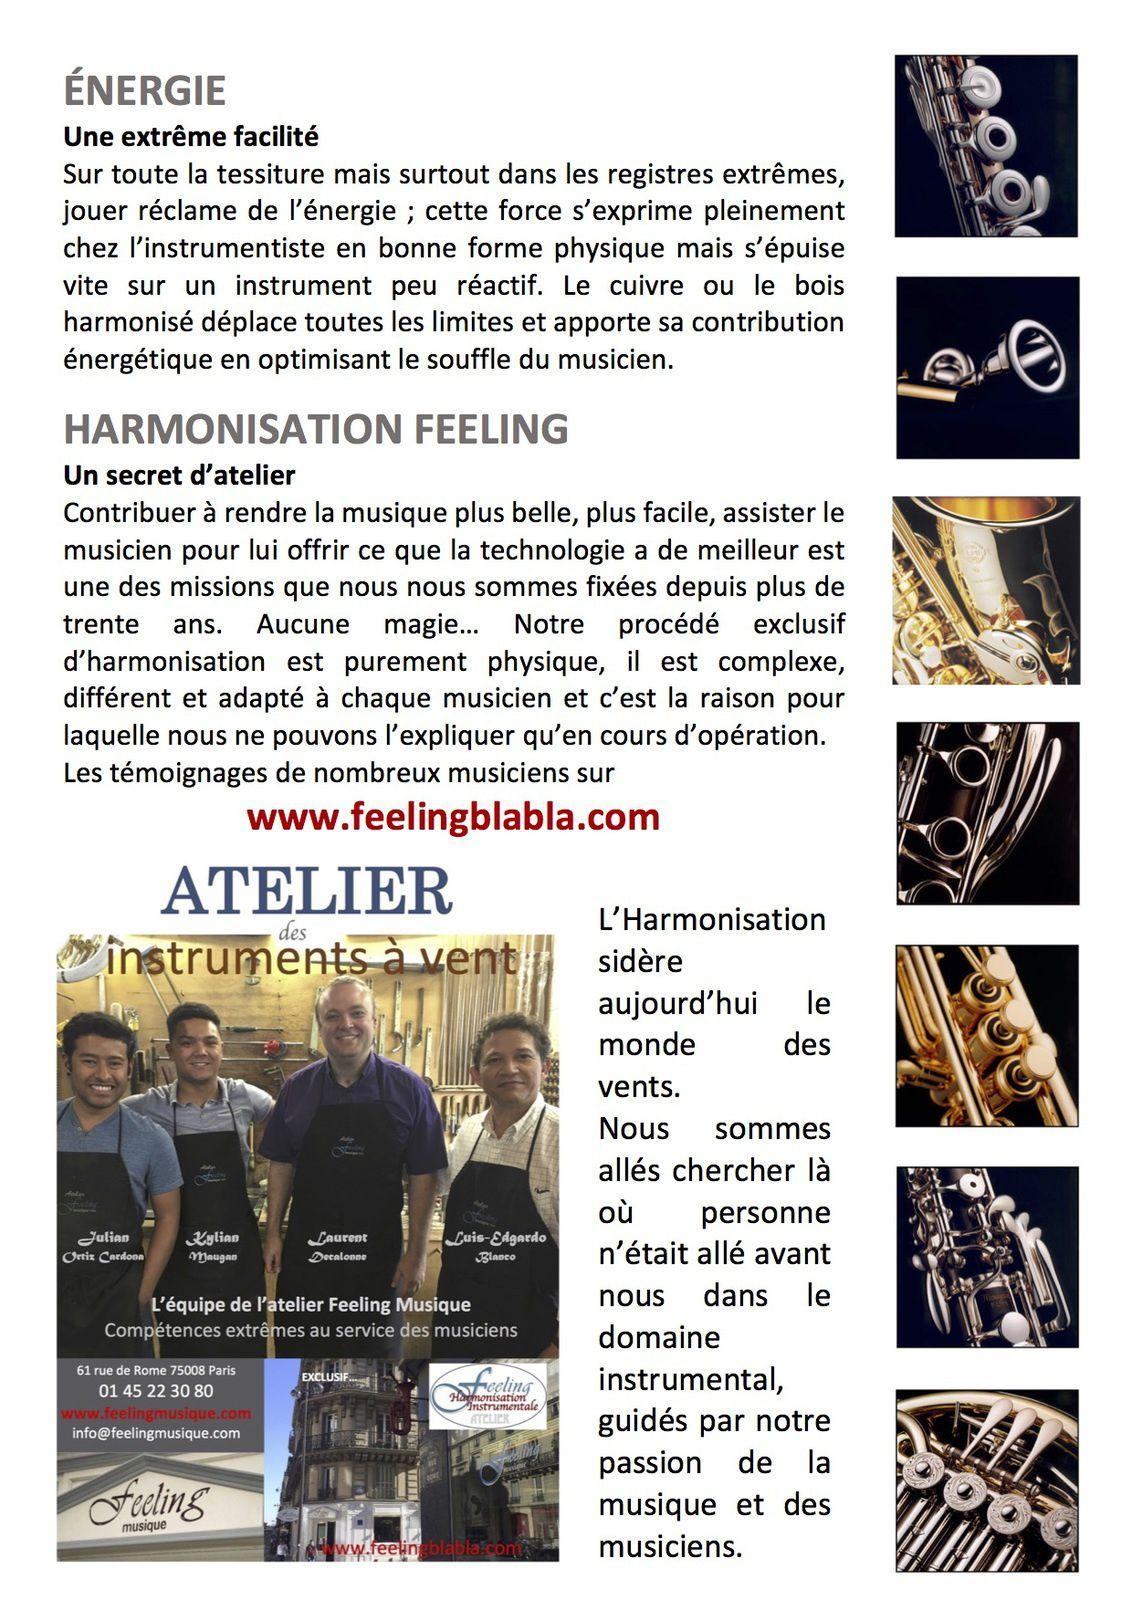 En 4 pages, les effets de l'Harmonisation Feeling